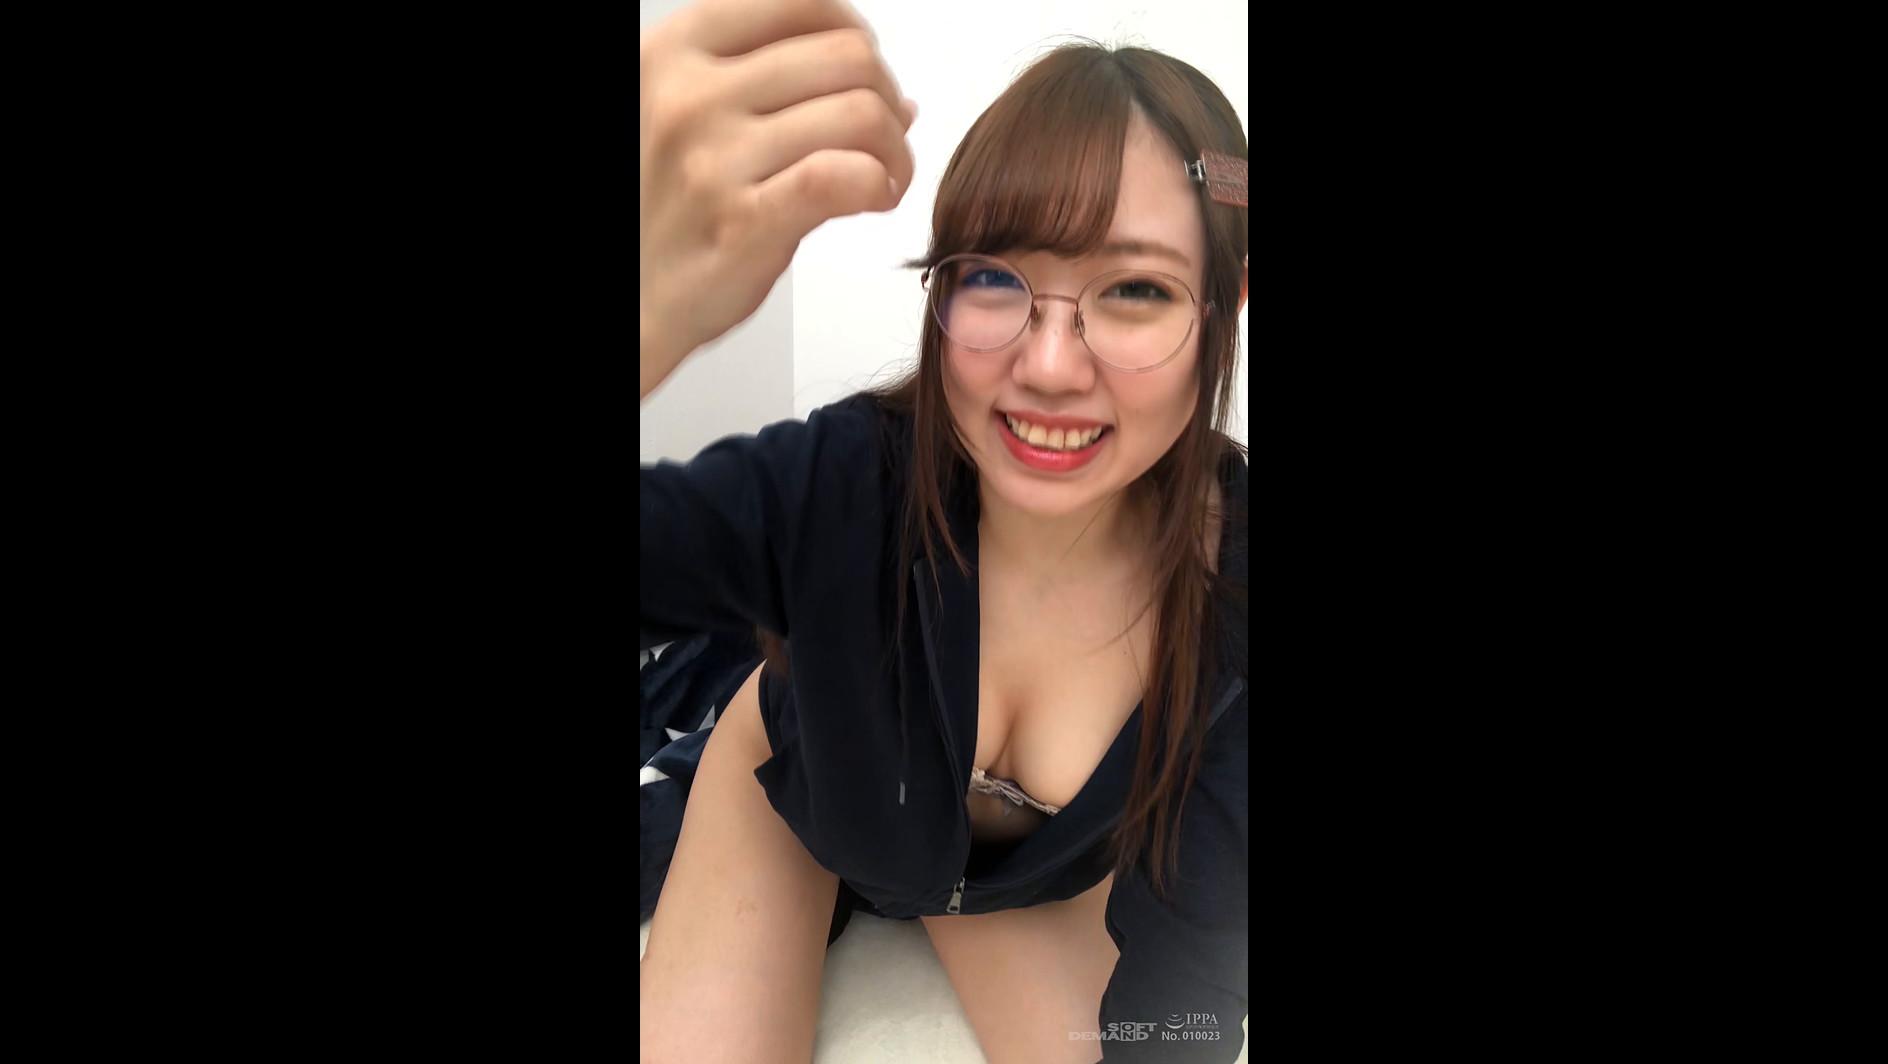 ビデオ通話エッチ JOI ゆん 【縦動画】 画像10